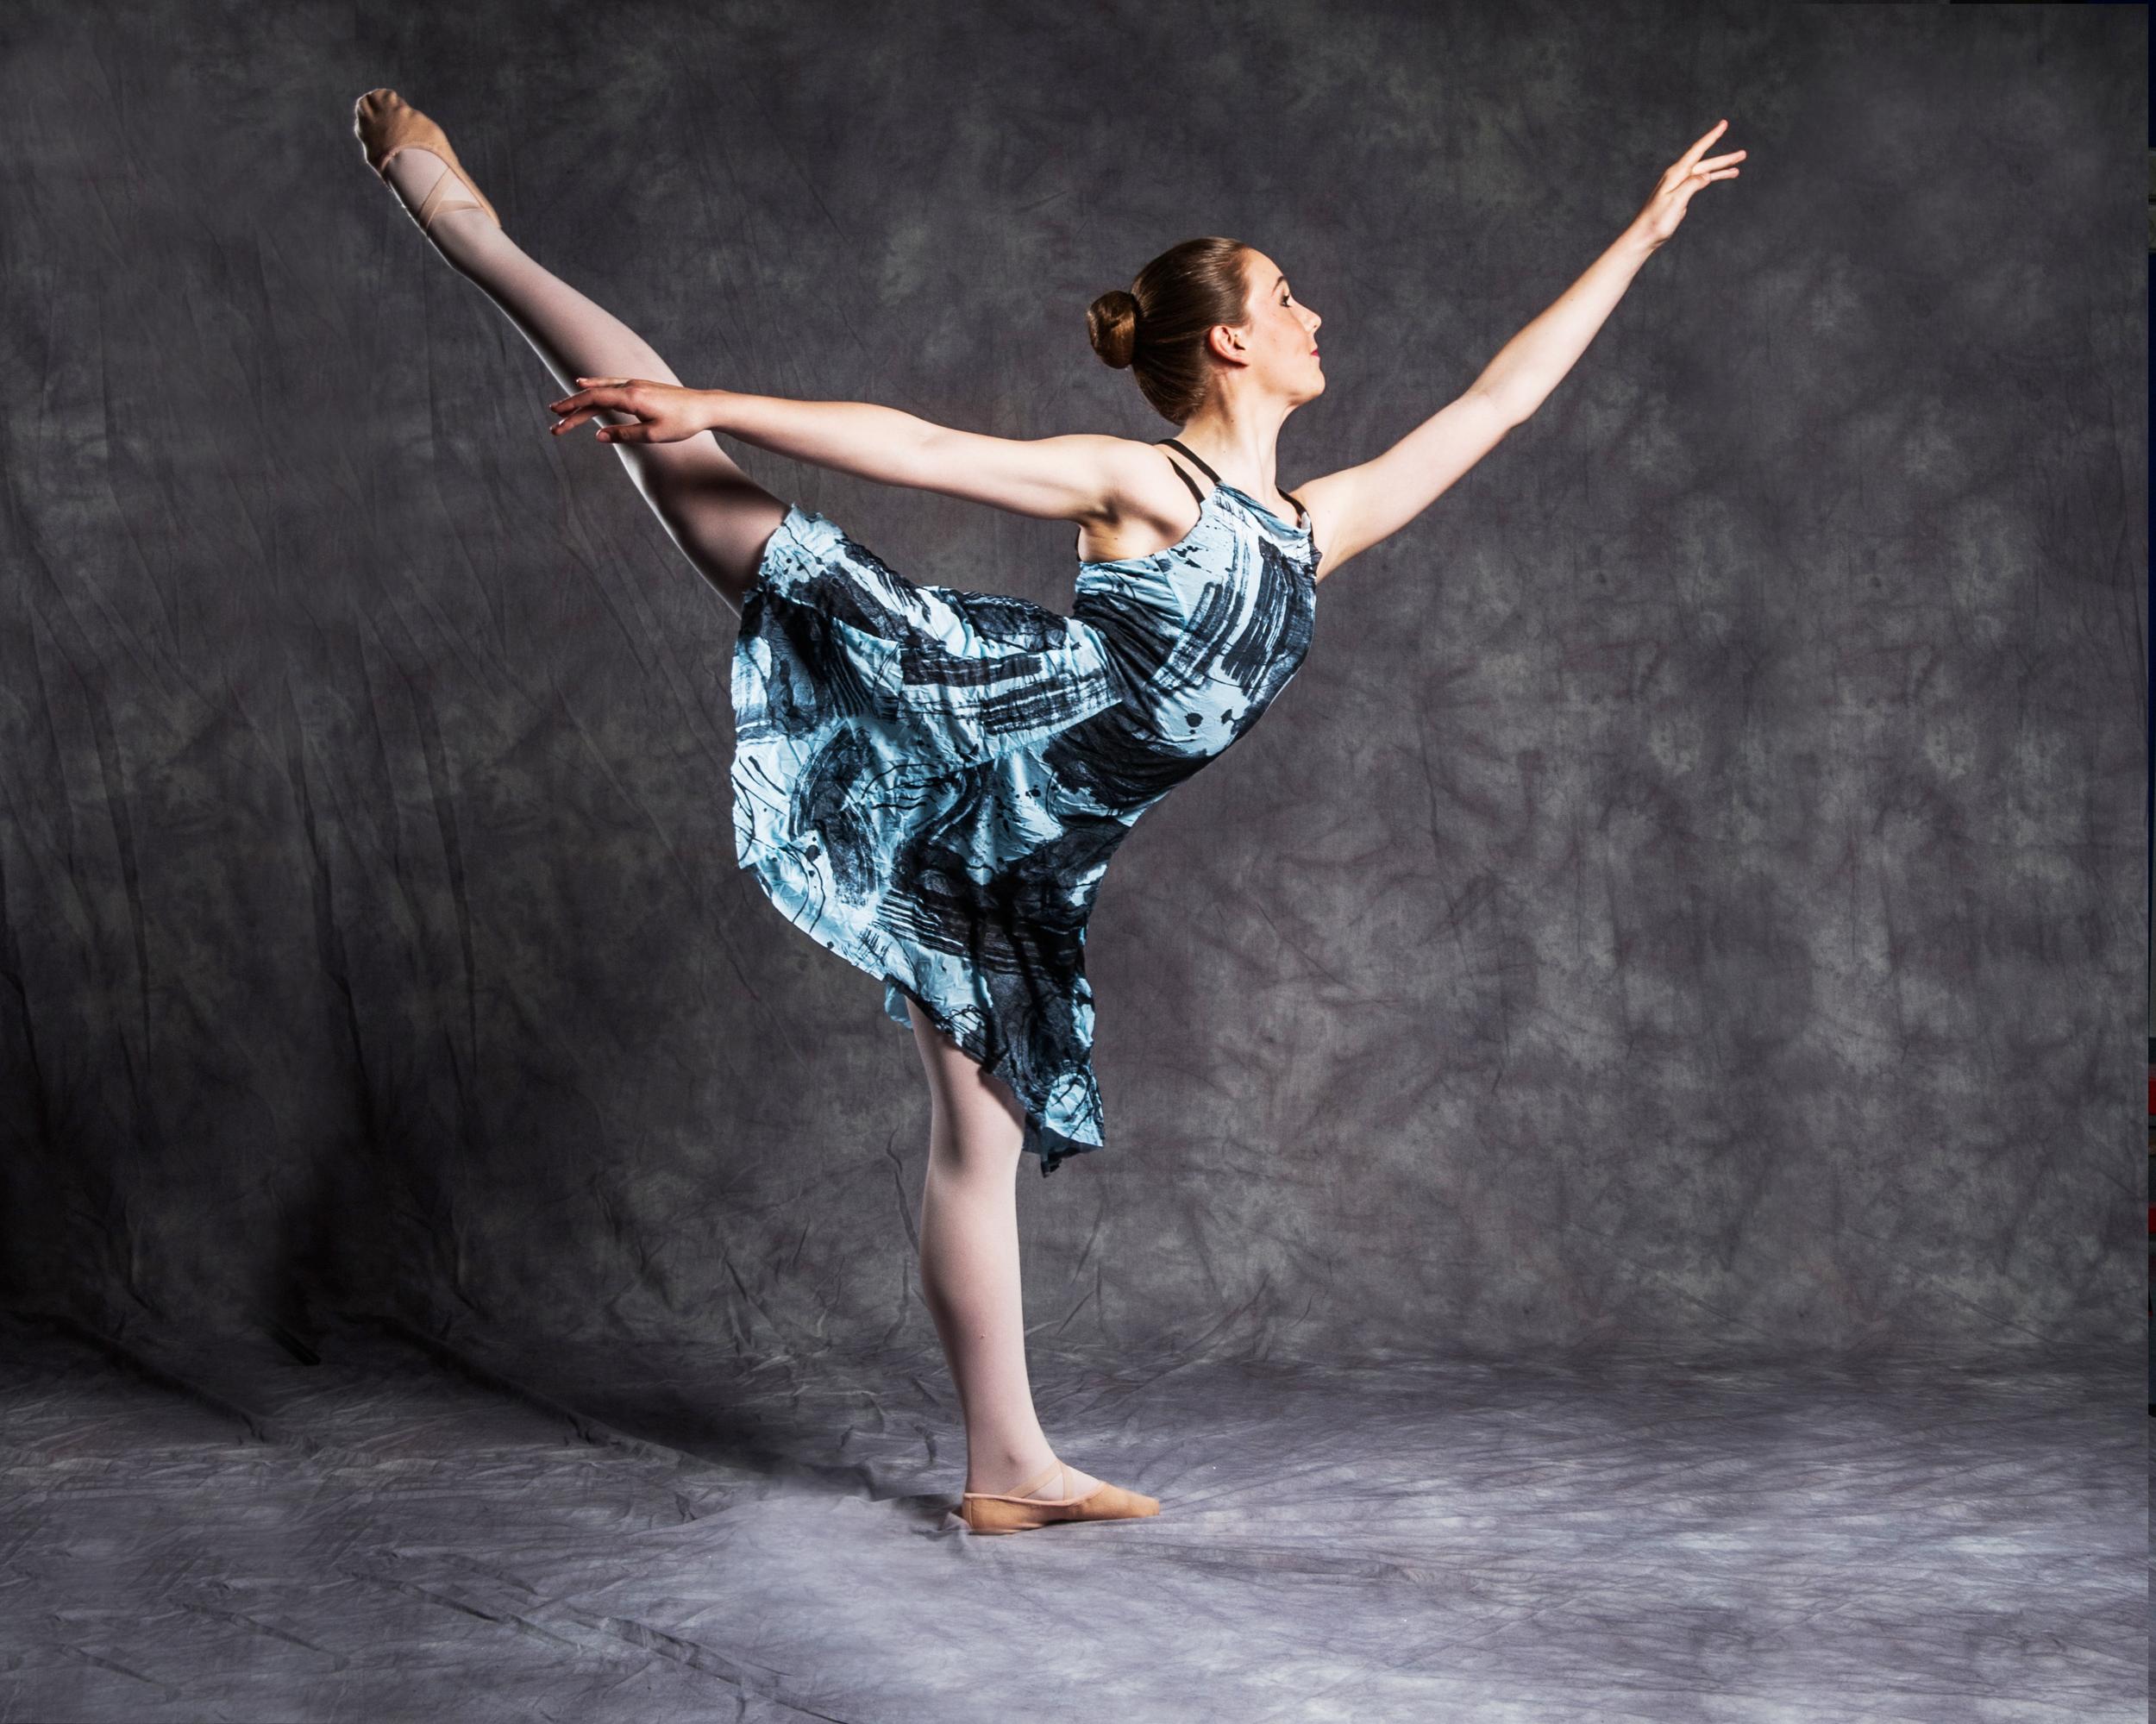 Emily Coates